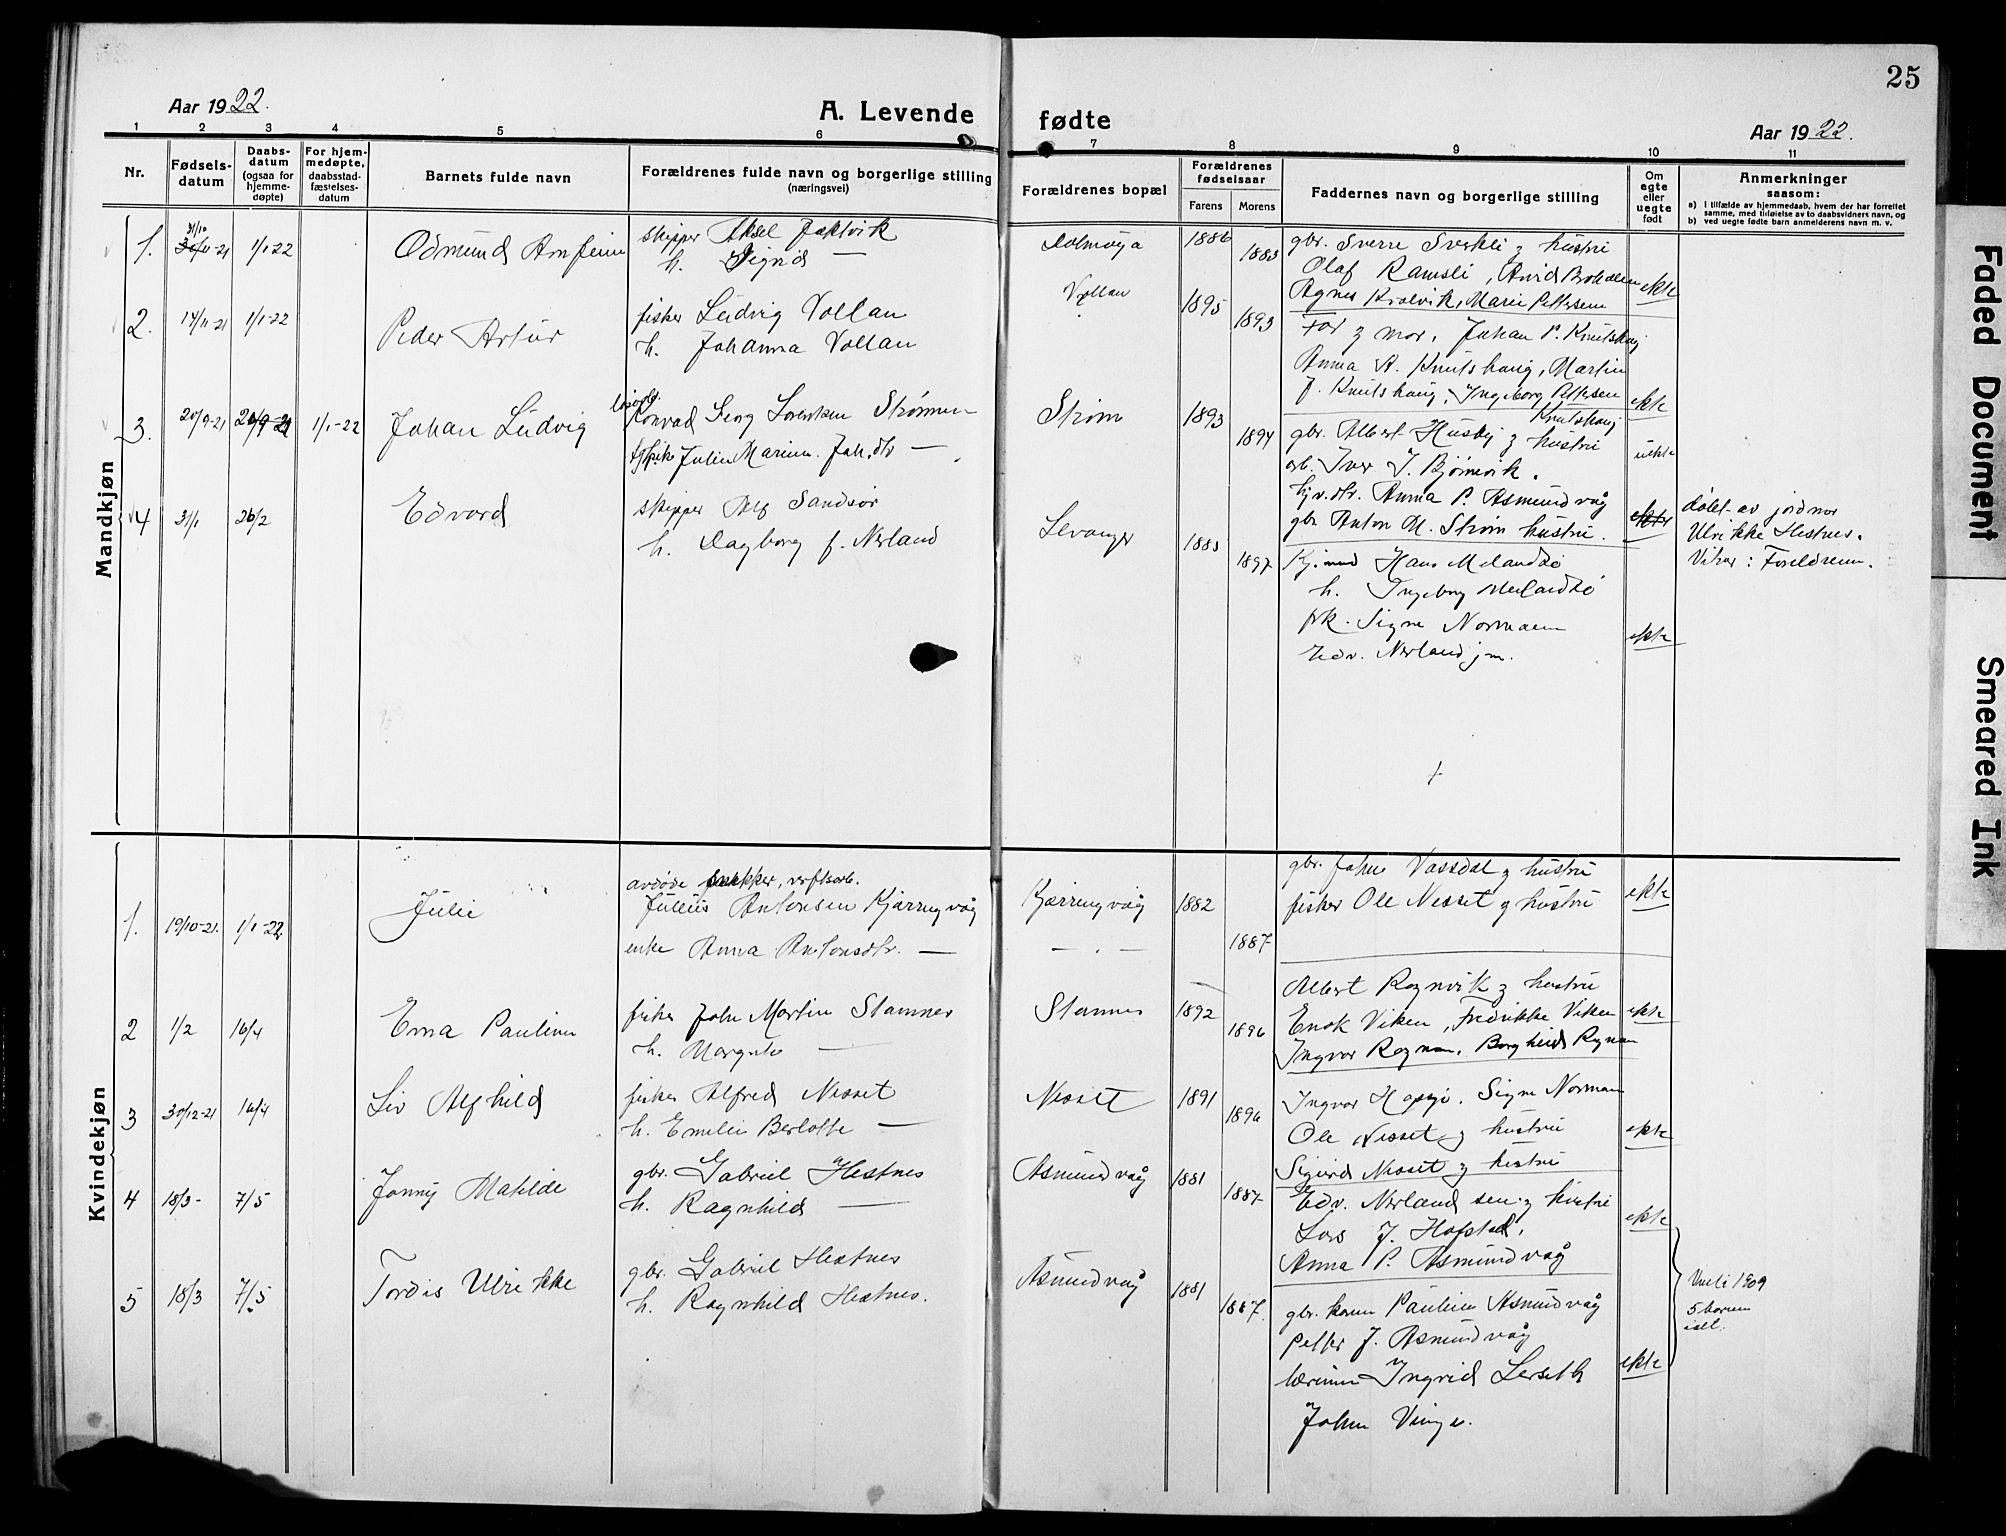 SAT, Ministerialprotokoller, klokkerbøker og fødselsregistre - Sør-Trøndelag, 634/L0543: Klokkerbok nr. 634C05, 1917-1928, s. 25